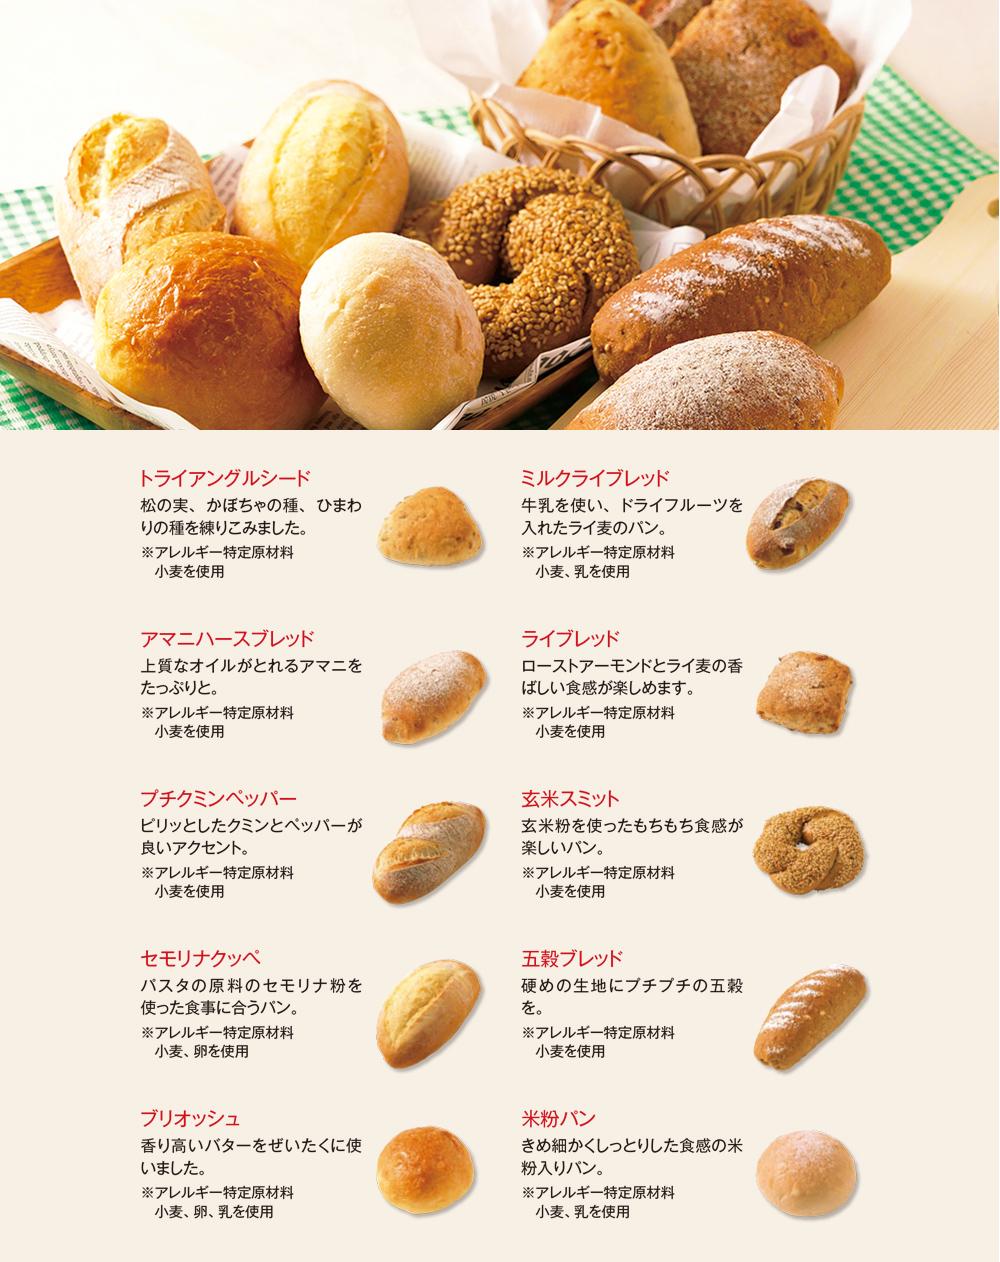 ヴィラ ルピシアのテーブルパン10種セット